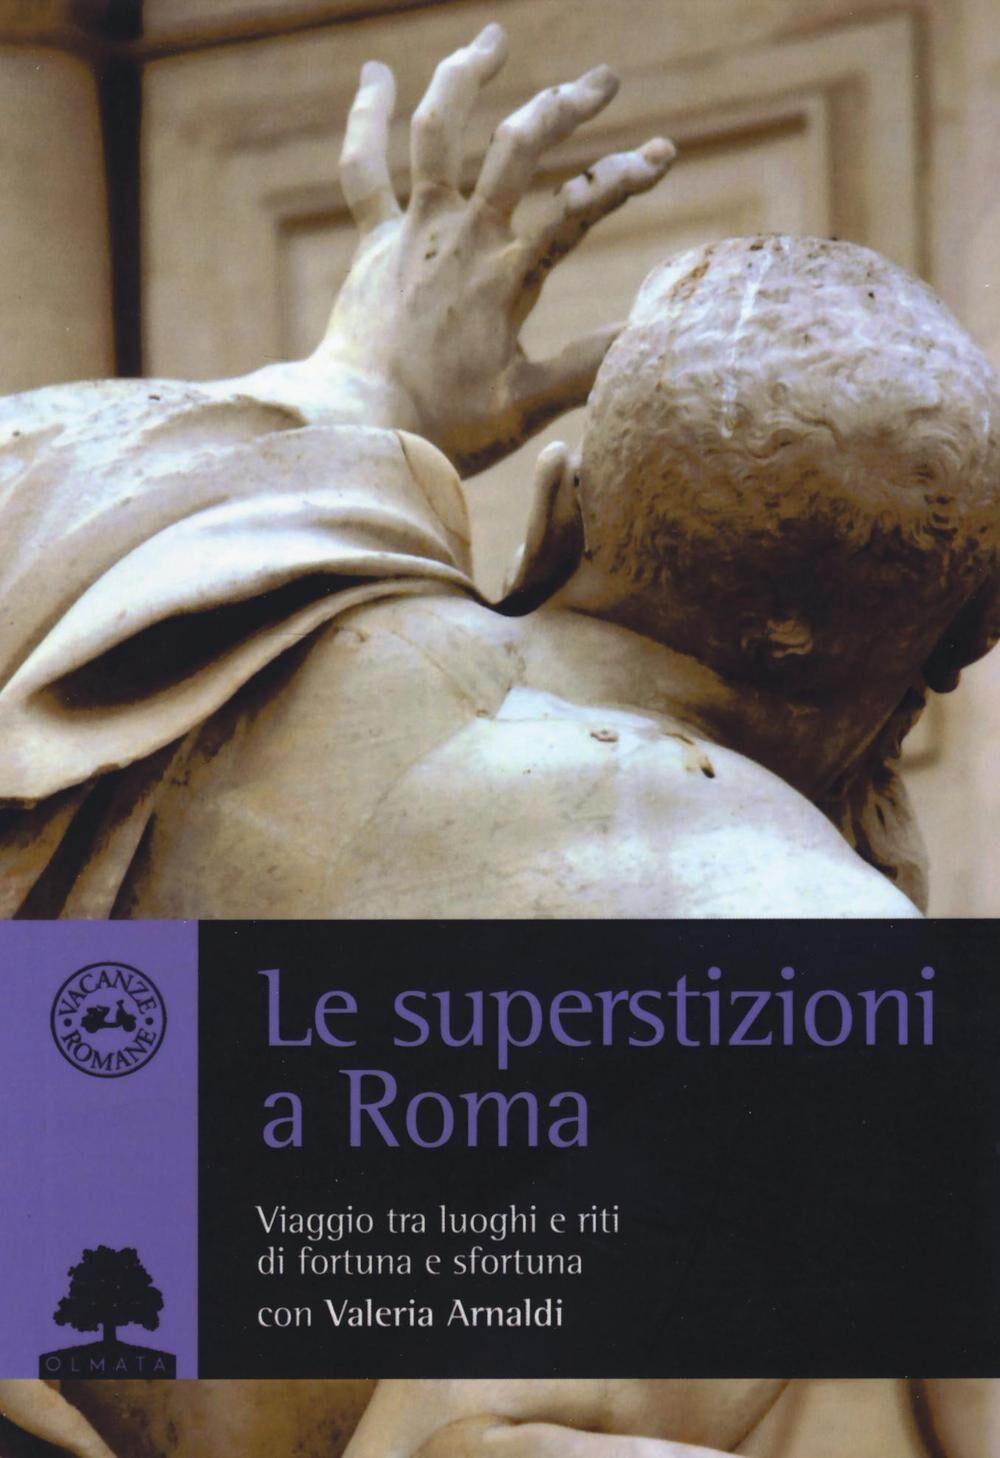 Le superstizioni a Roma. Viaggio tra riti e luoghi di fortuna e sfortuna